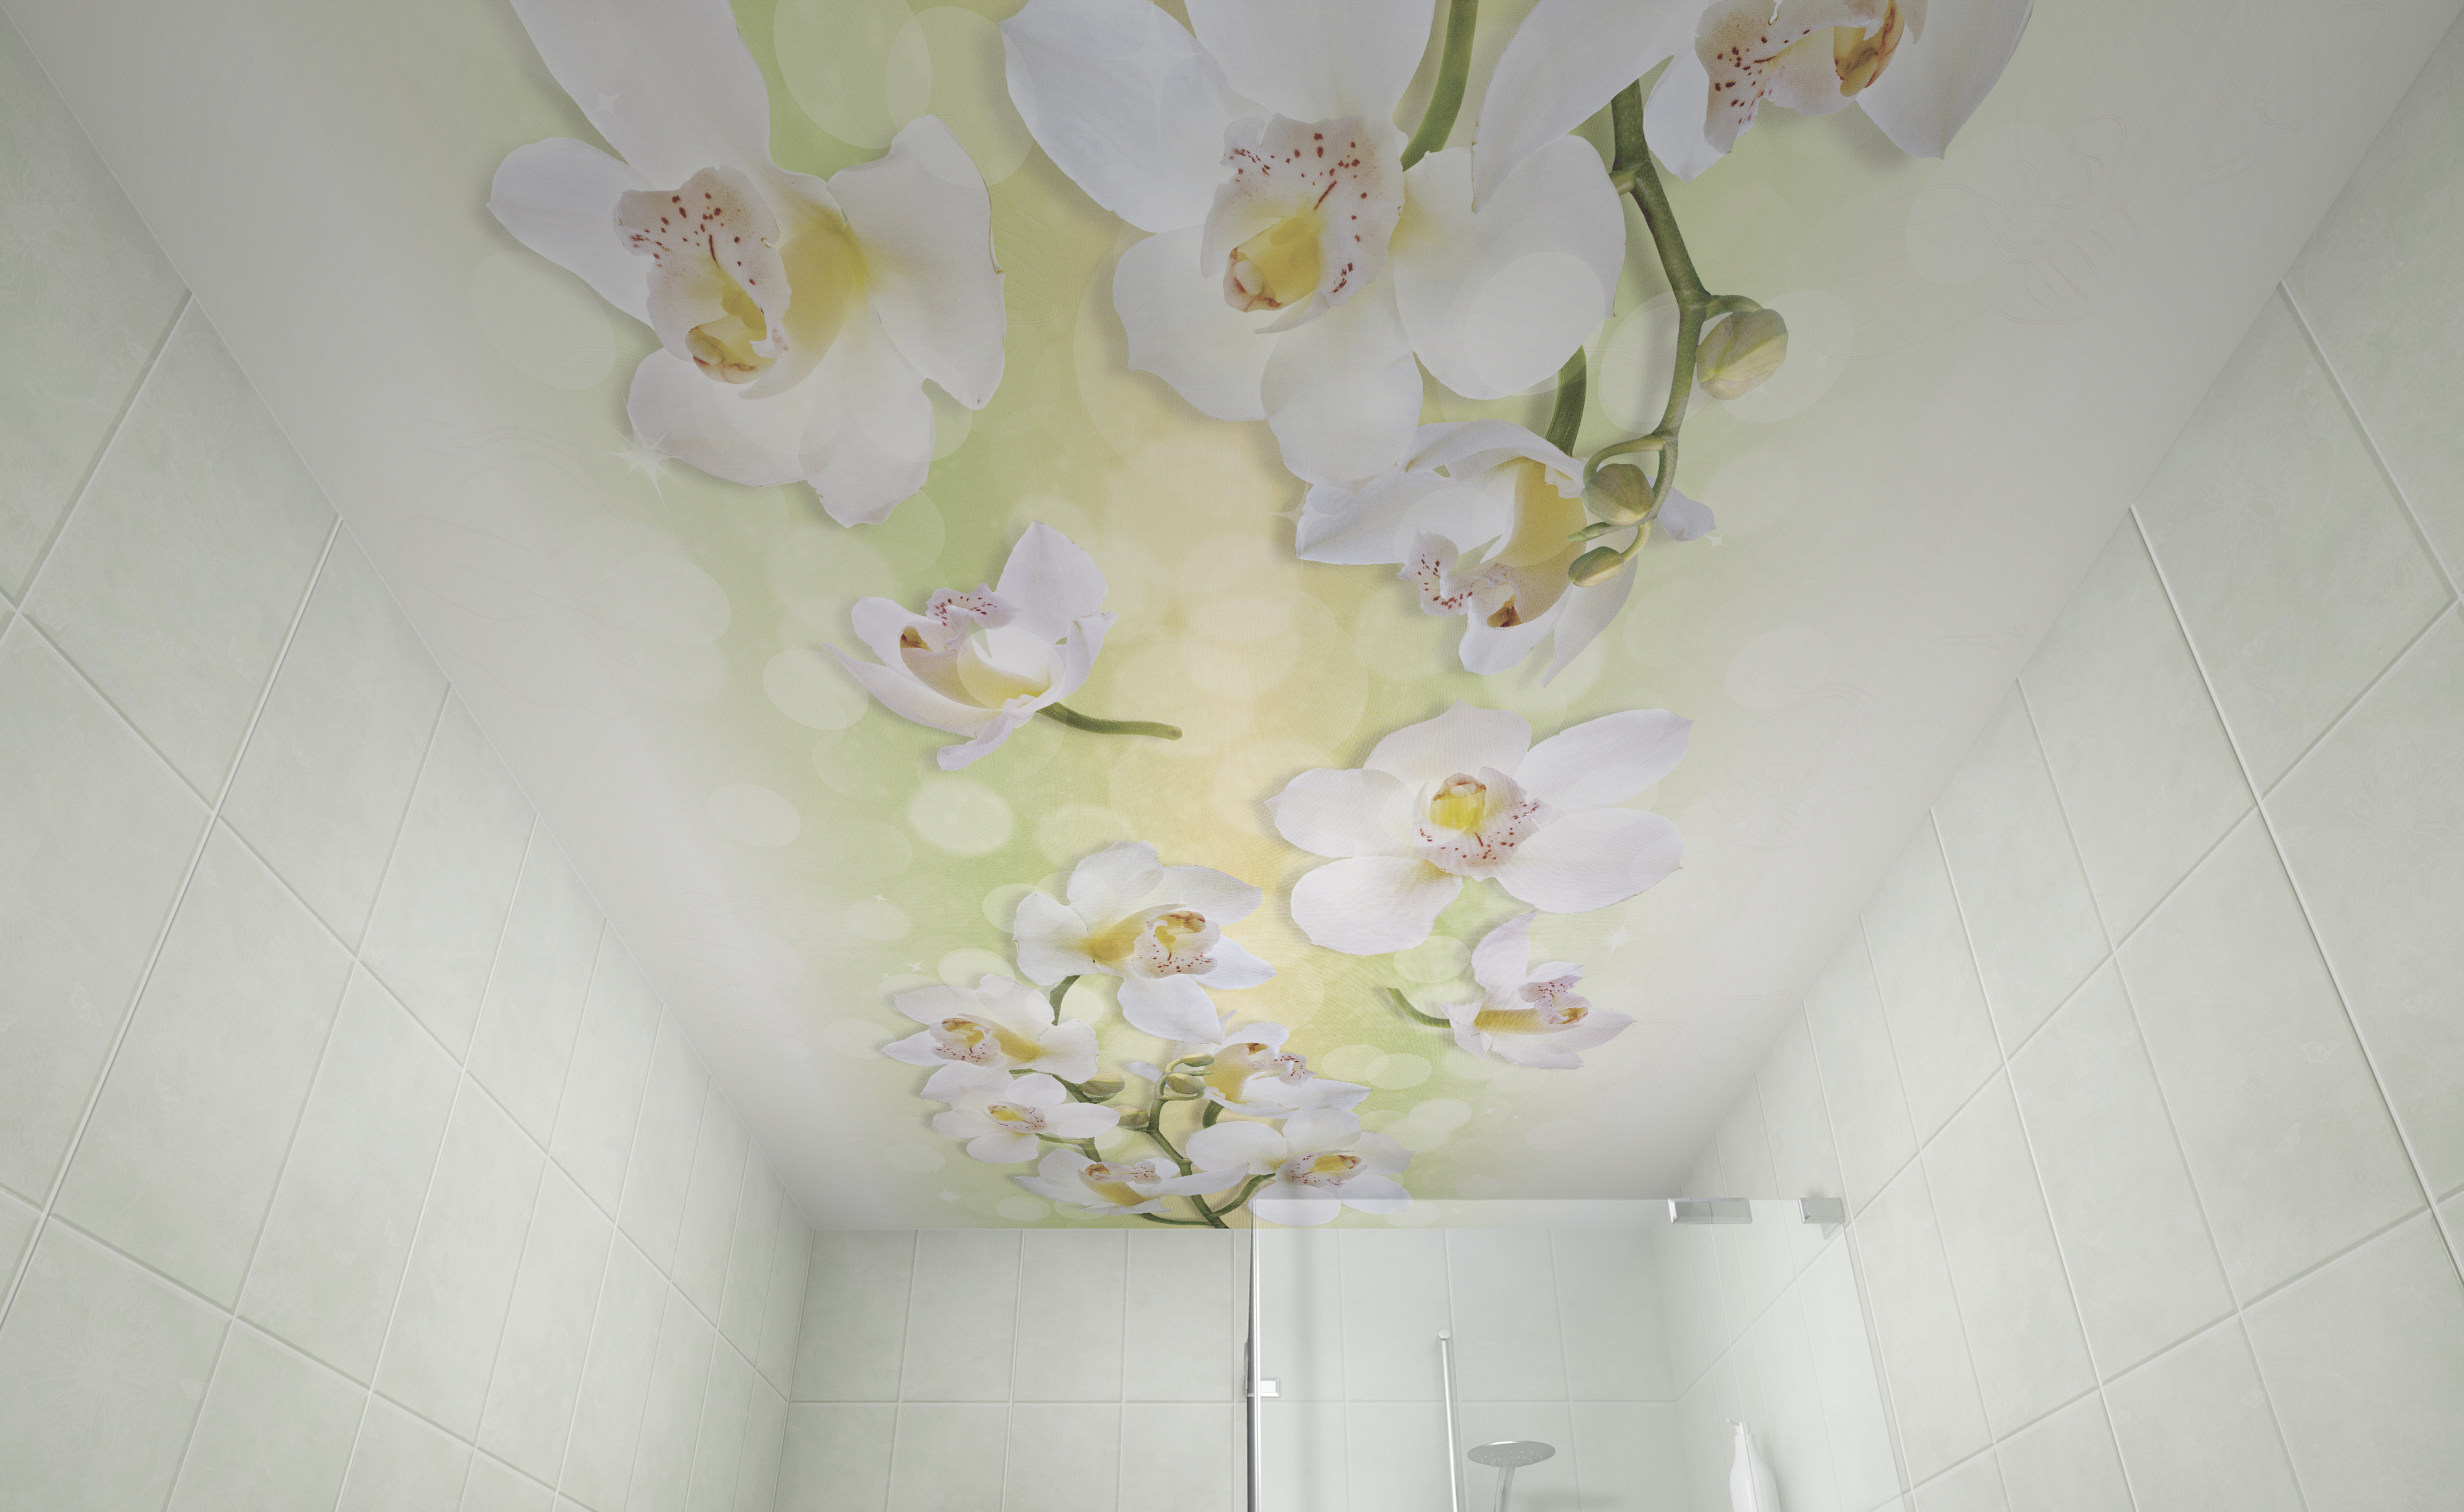 той пласт панели с фотопечатью на потолок изображение веб-камеры